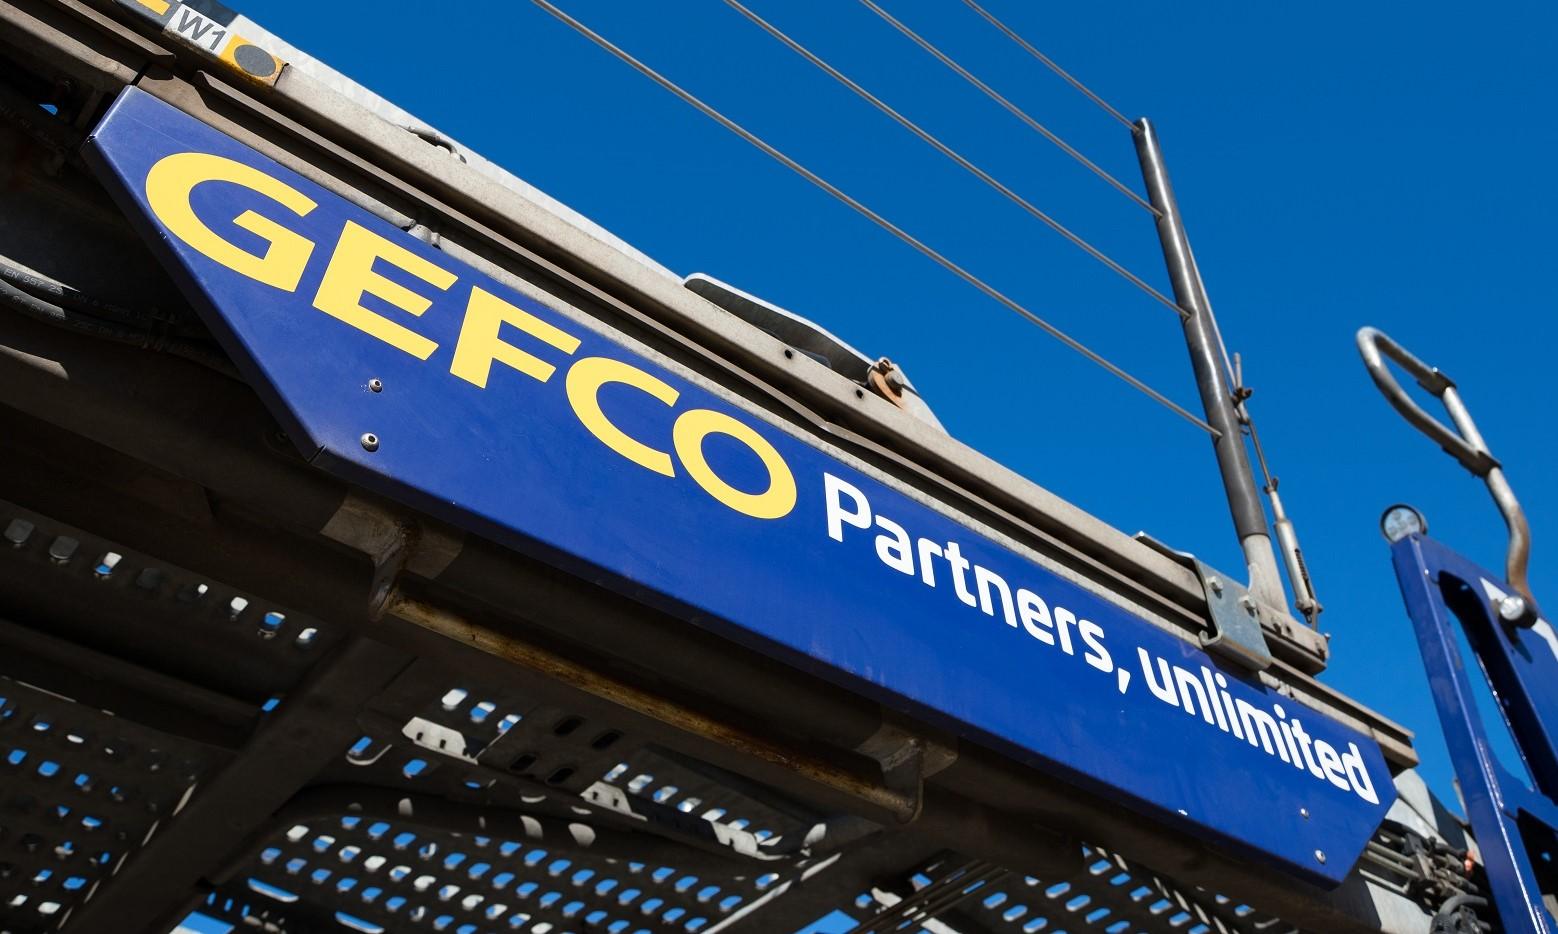 Gefco ma nowego klienta. Będzie dla niego dystrybuować tysiąc aut rocznie